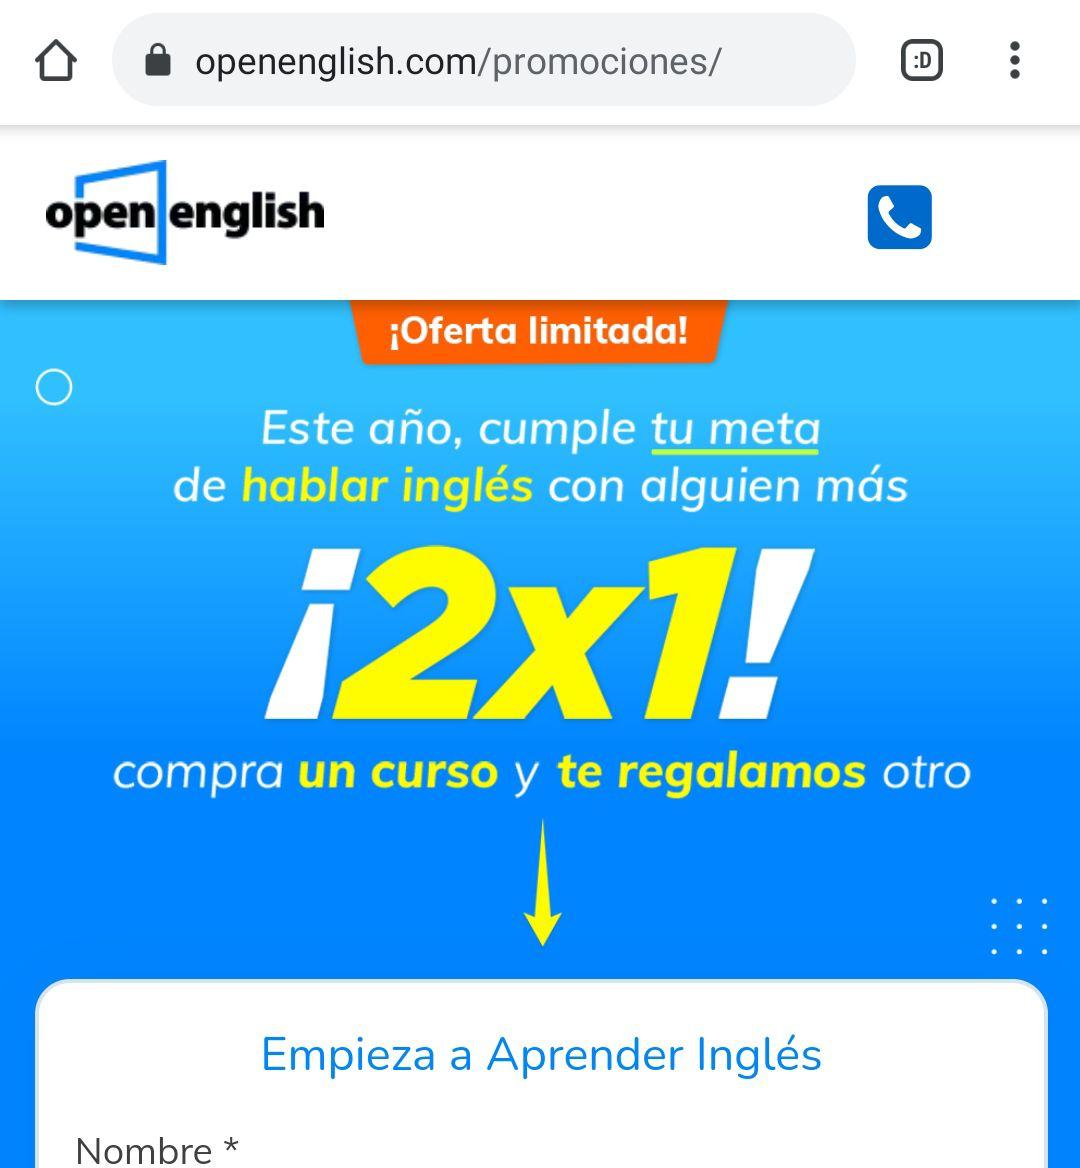 2x1 Open english. Clases de inglés